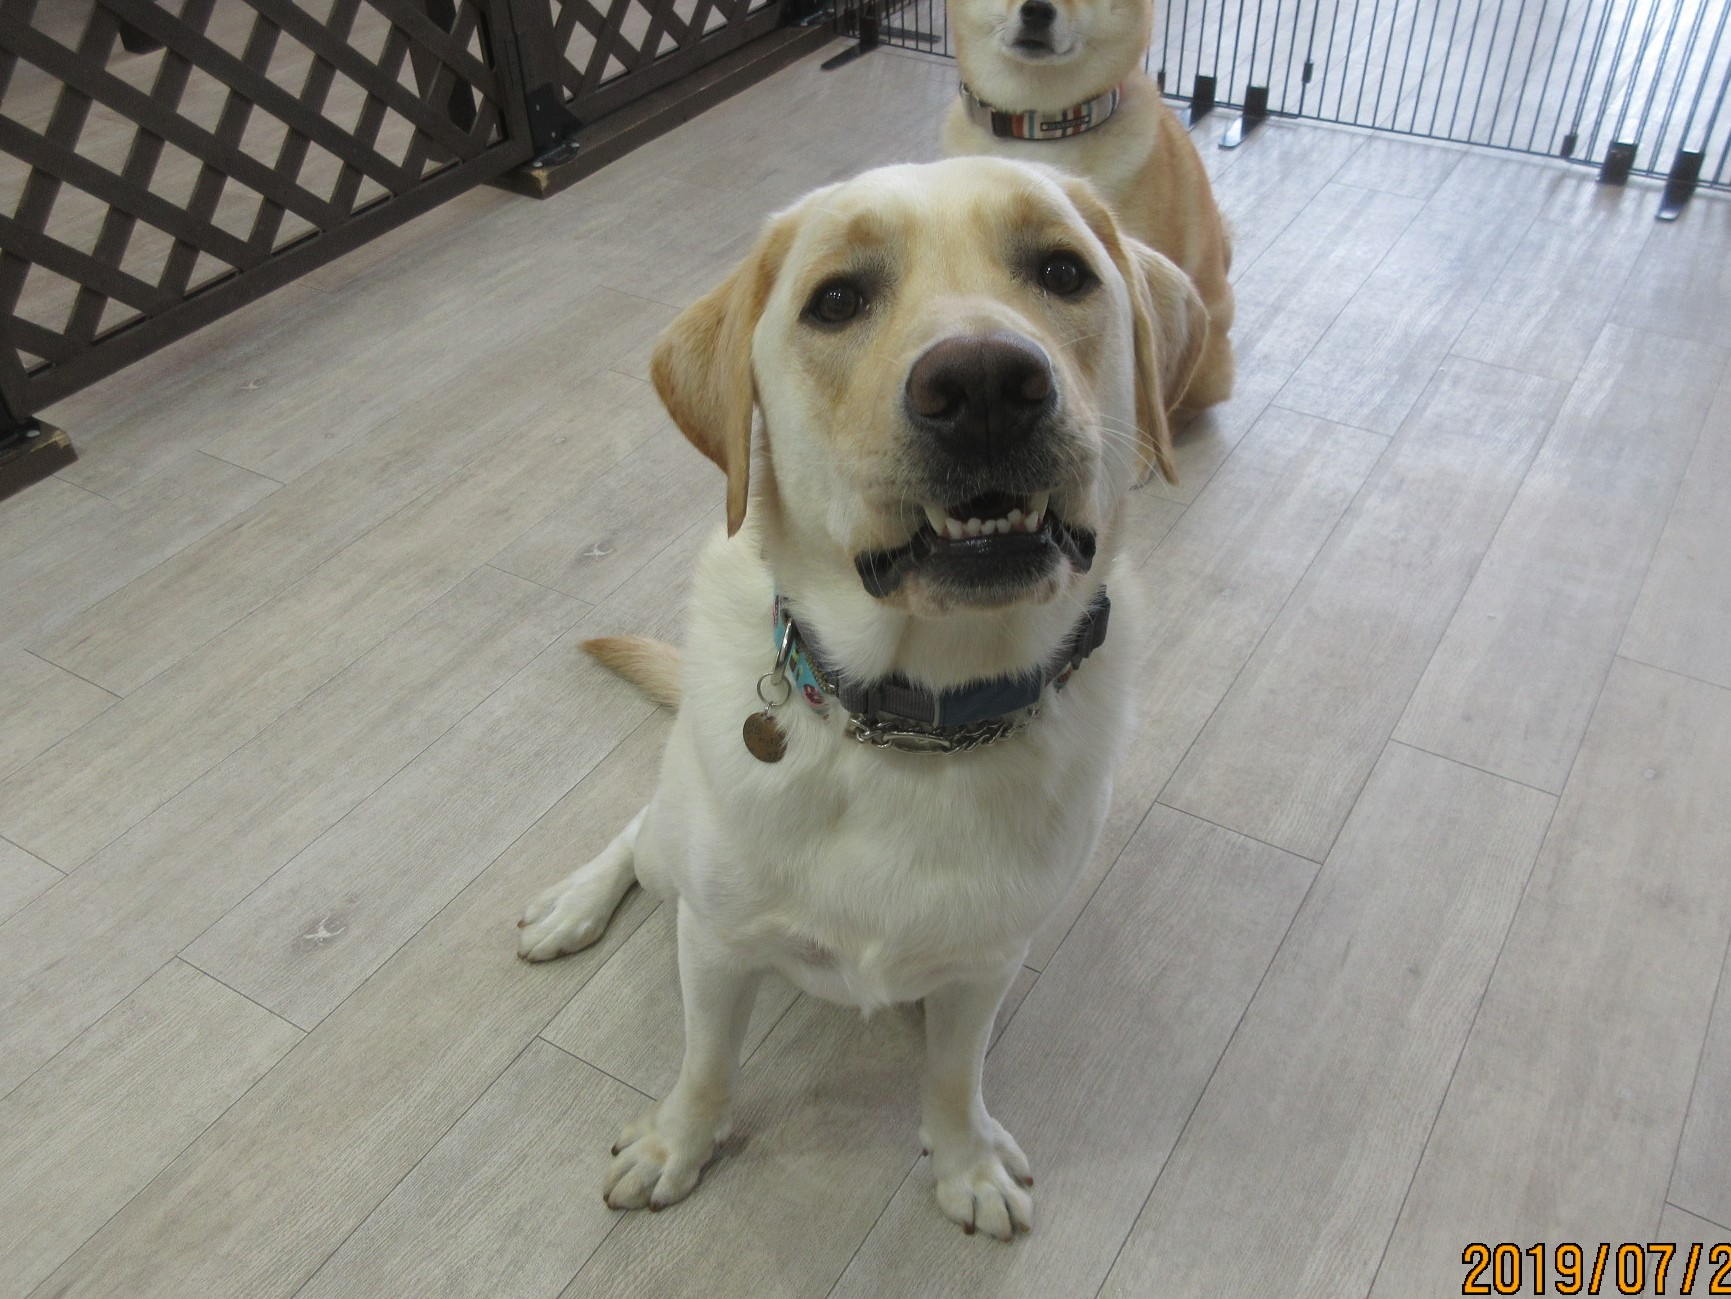 Osloくん・犬の保育園Baby・犬・犬のしつけ・犬の社会化・習志野市・八千代市・船橋市